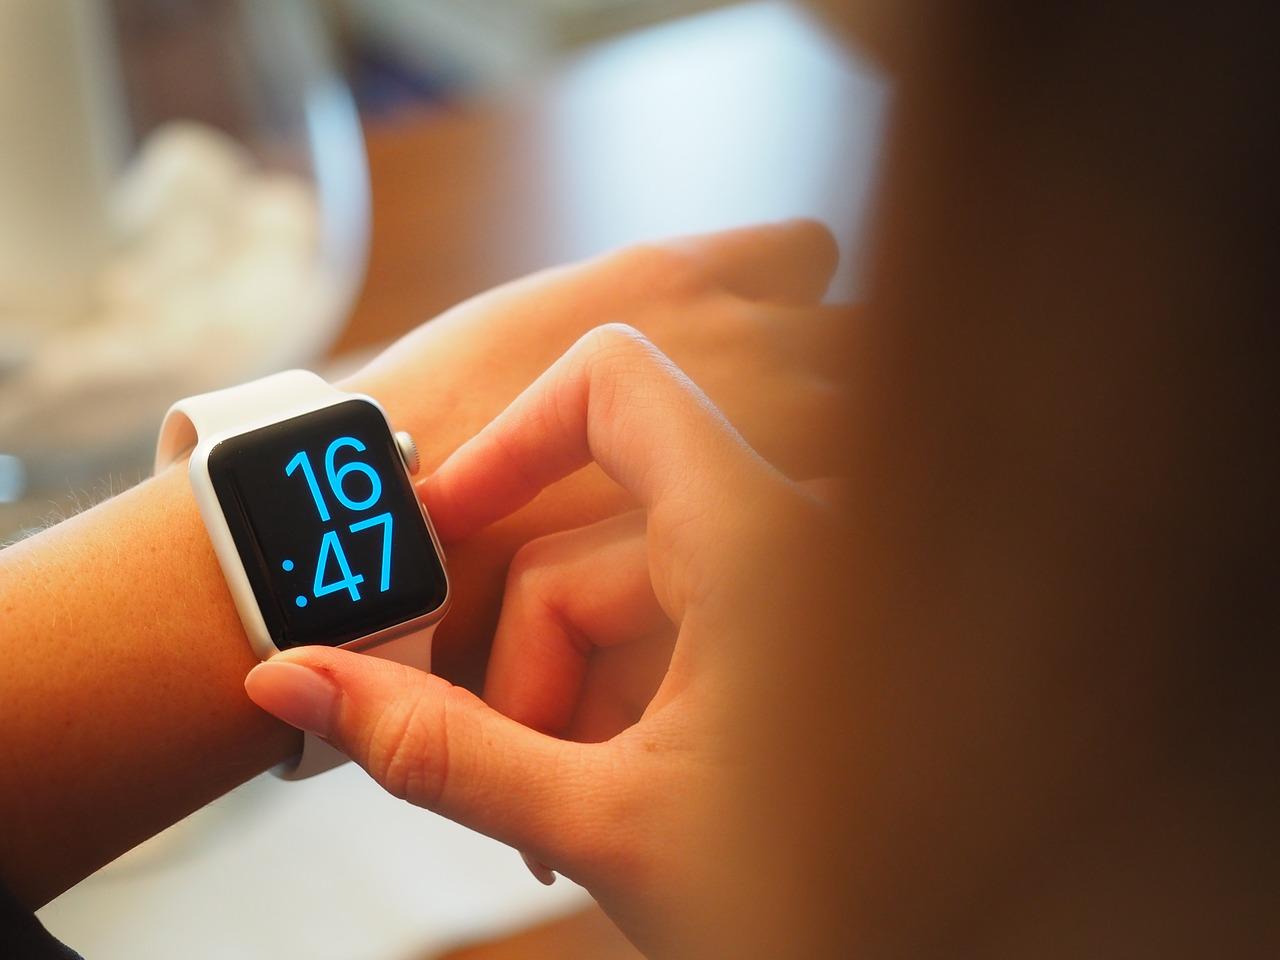 Silikonowe zegarki – nowa moda czy po prostu gadżet?